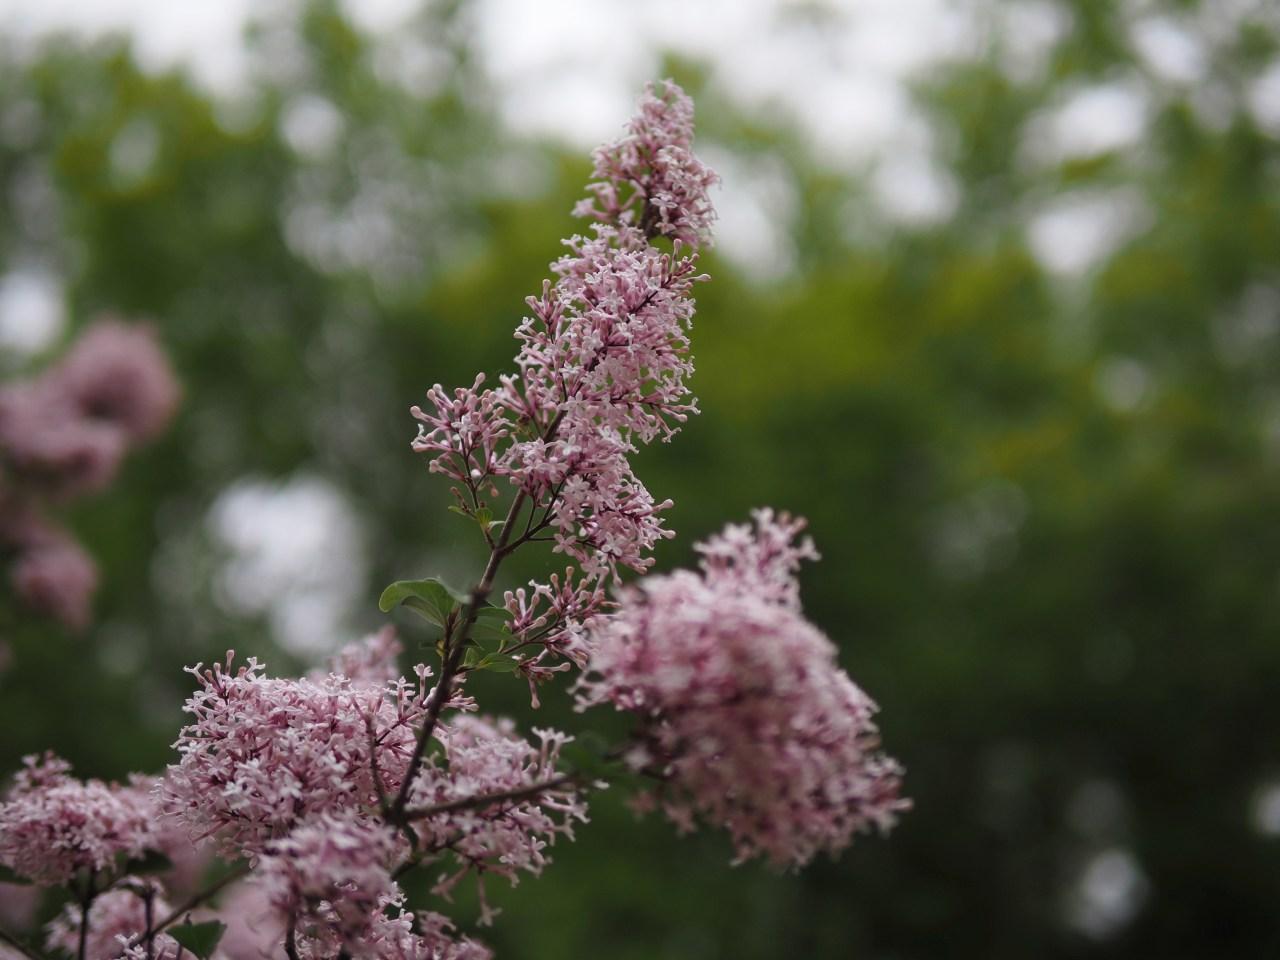 Ghastly flower.